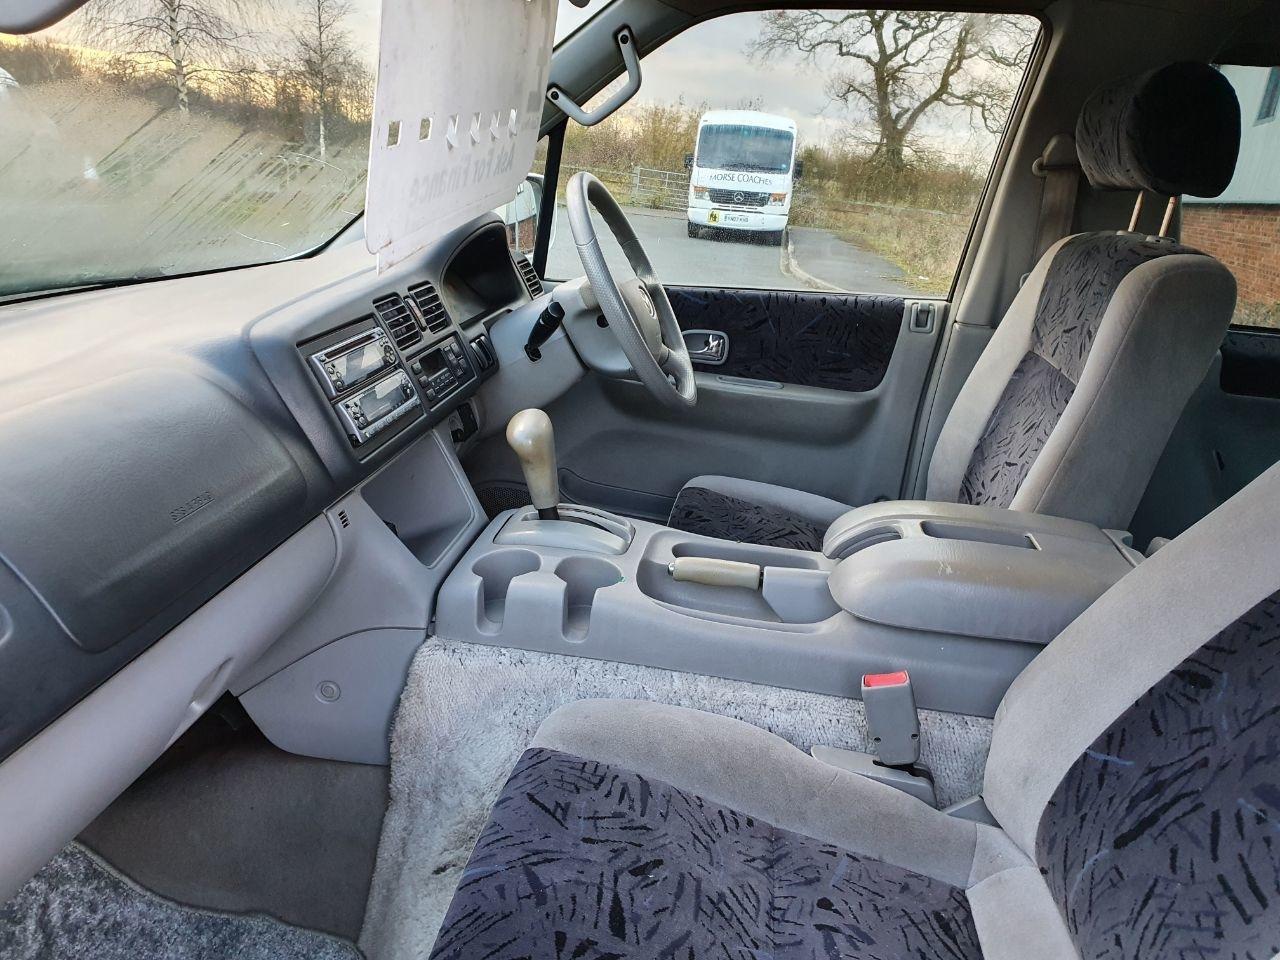 2003 Mazda Bongo Aero - 8 Seats MPV - Day Van - Camper For Sale (picture 9 of 12)